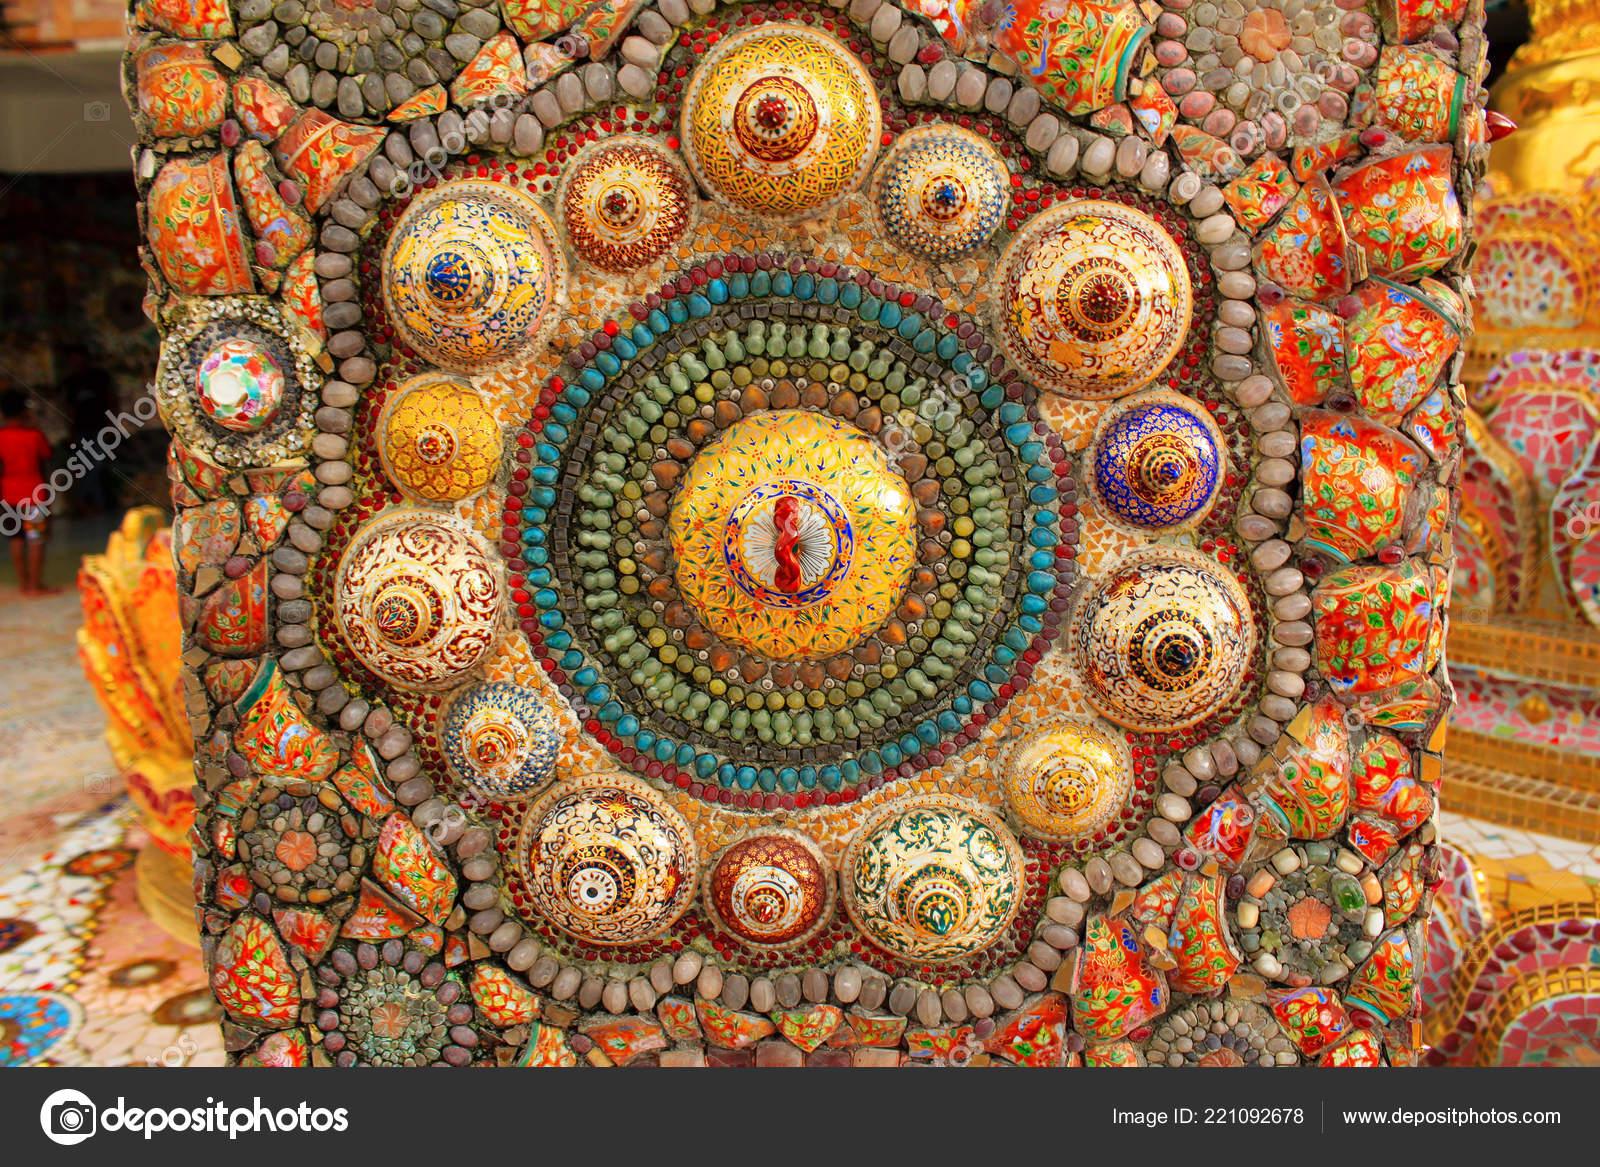 Superfici tempio sono coperte con piastrelle mosaico milioni cocci